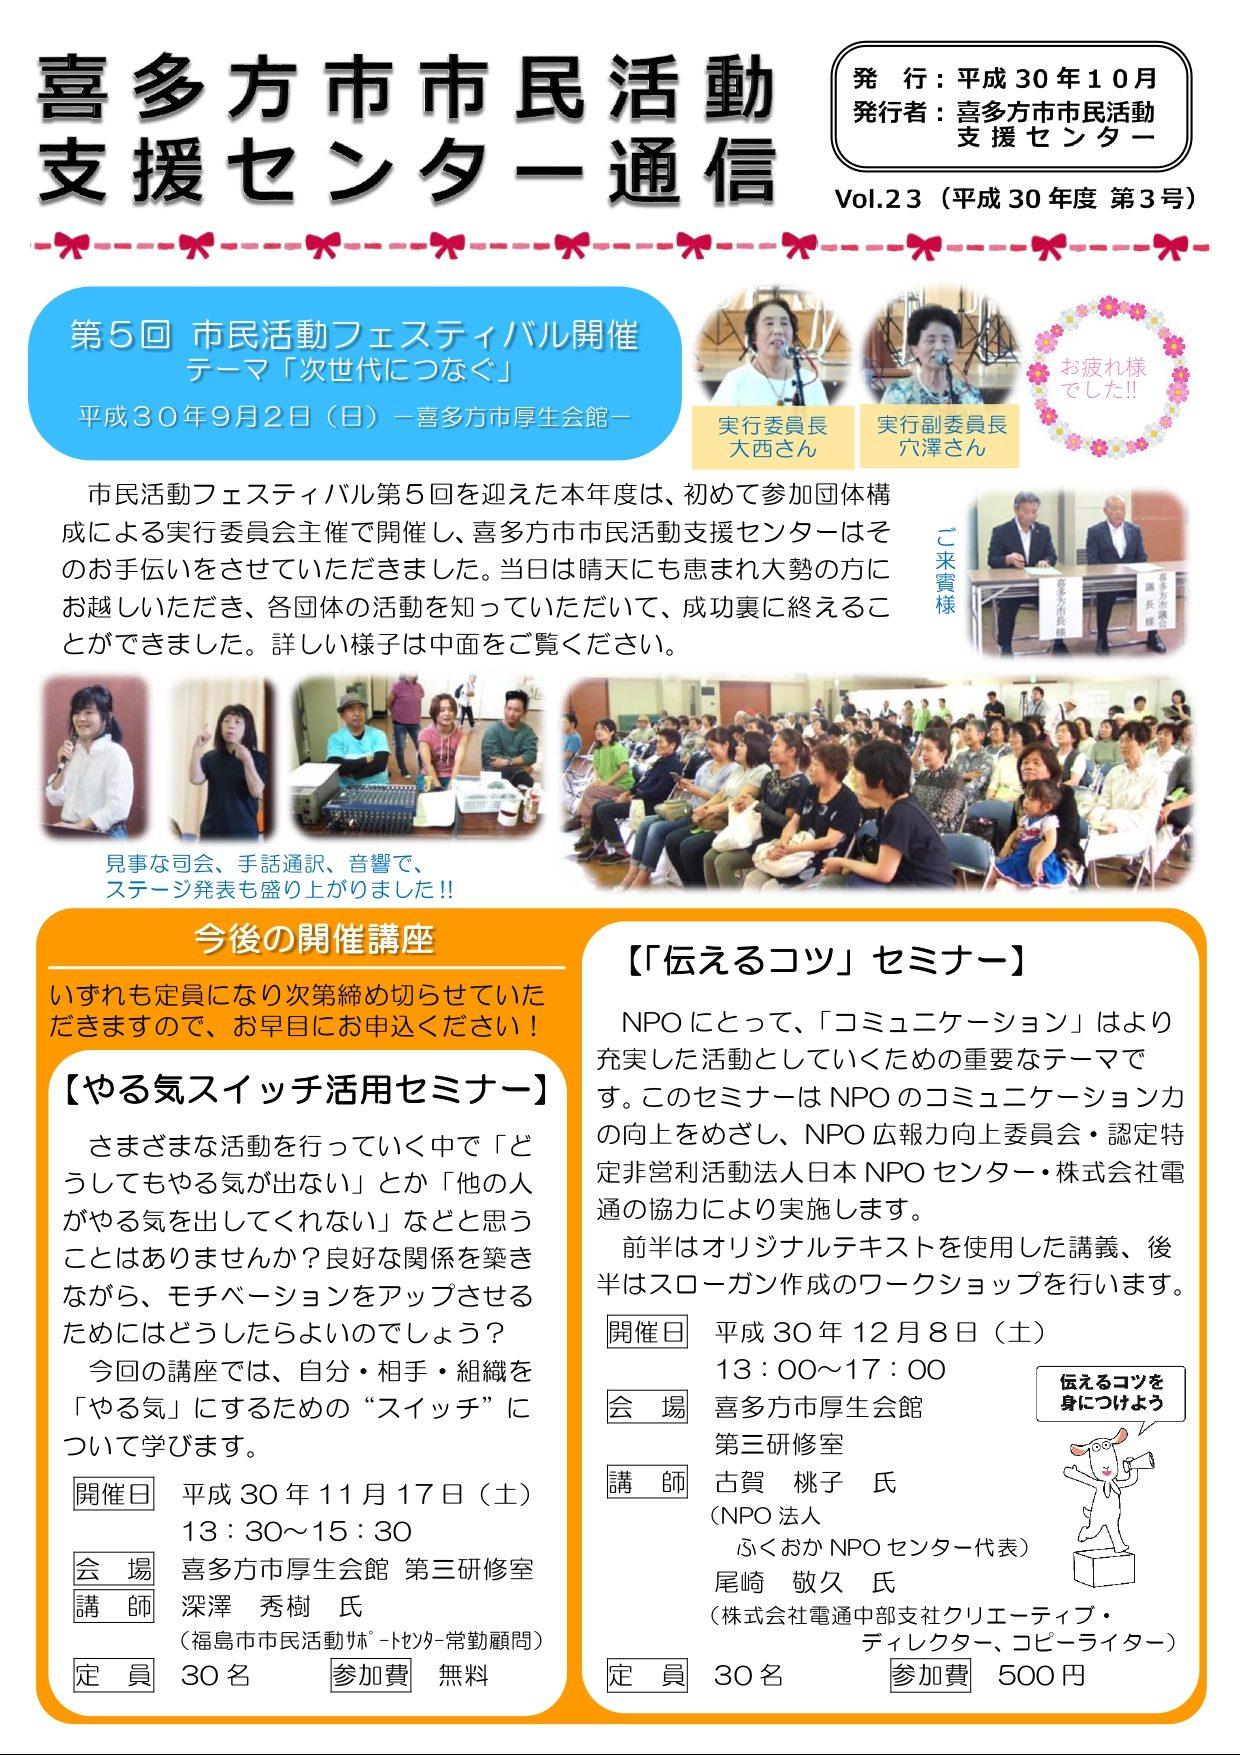 喜多方市市民活動支援センター通信 平成30年度第3号(Vol.23)